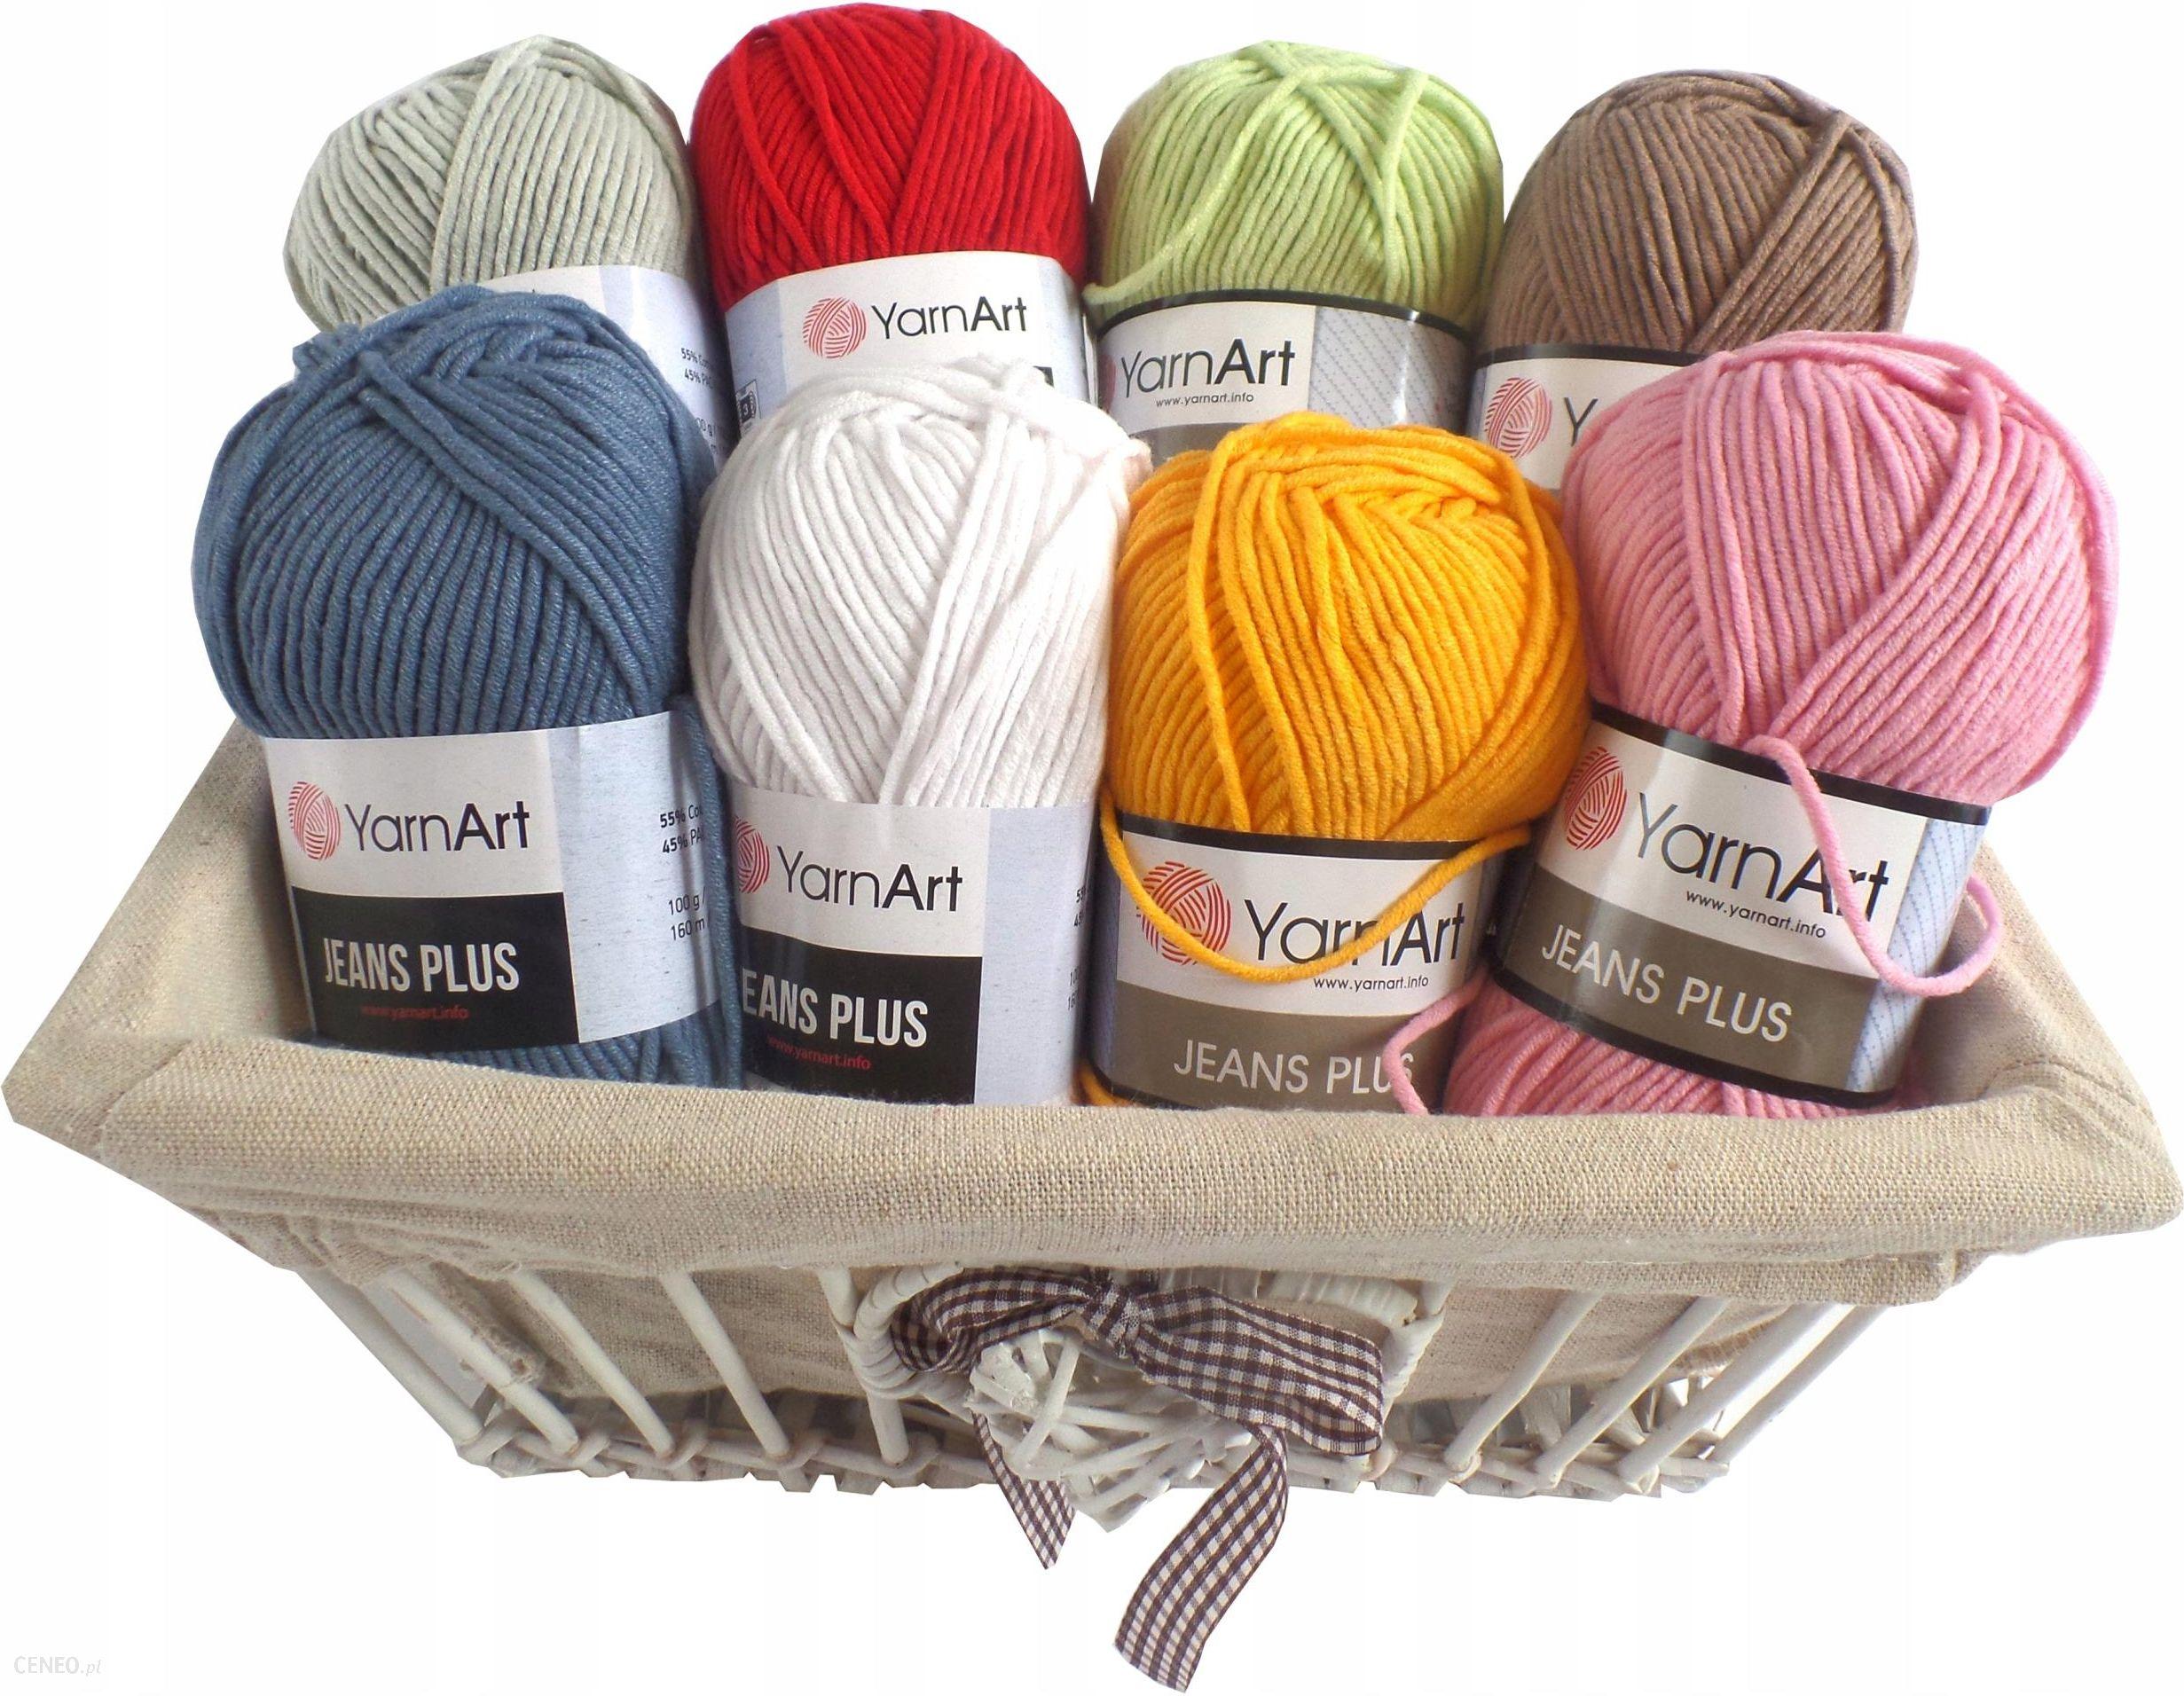 Yarn Art Wloczka Jeans Plus 85 Pomaranczowy Ceny I Opinie Ceneo Pl